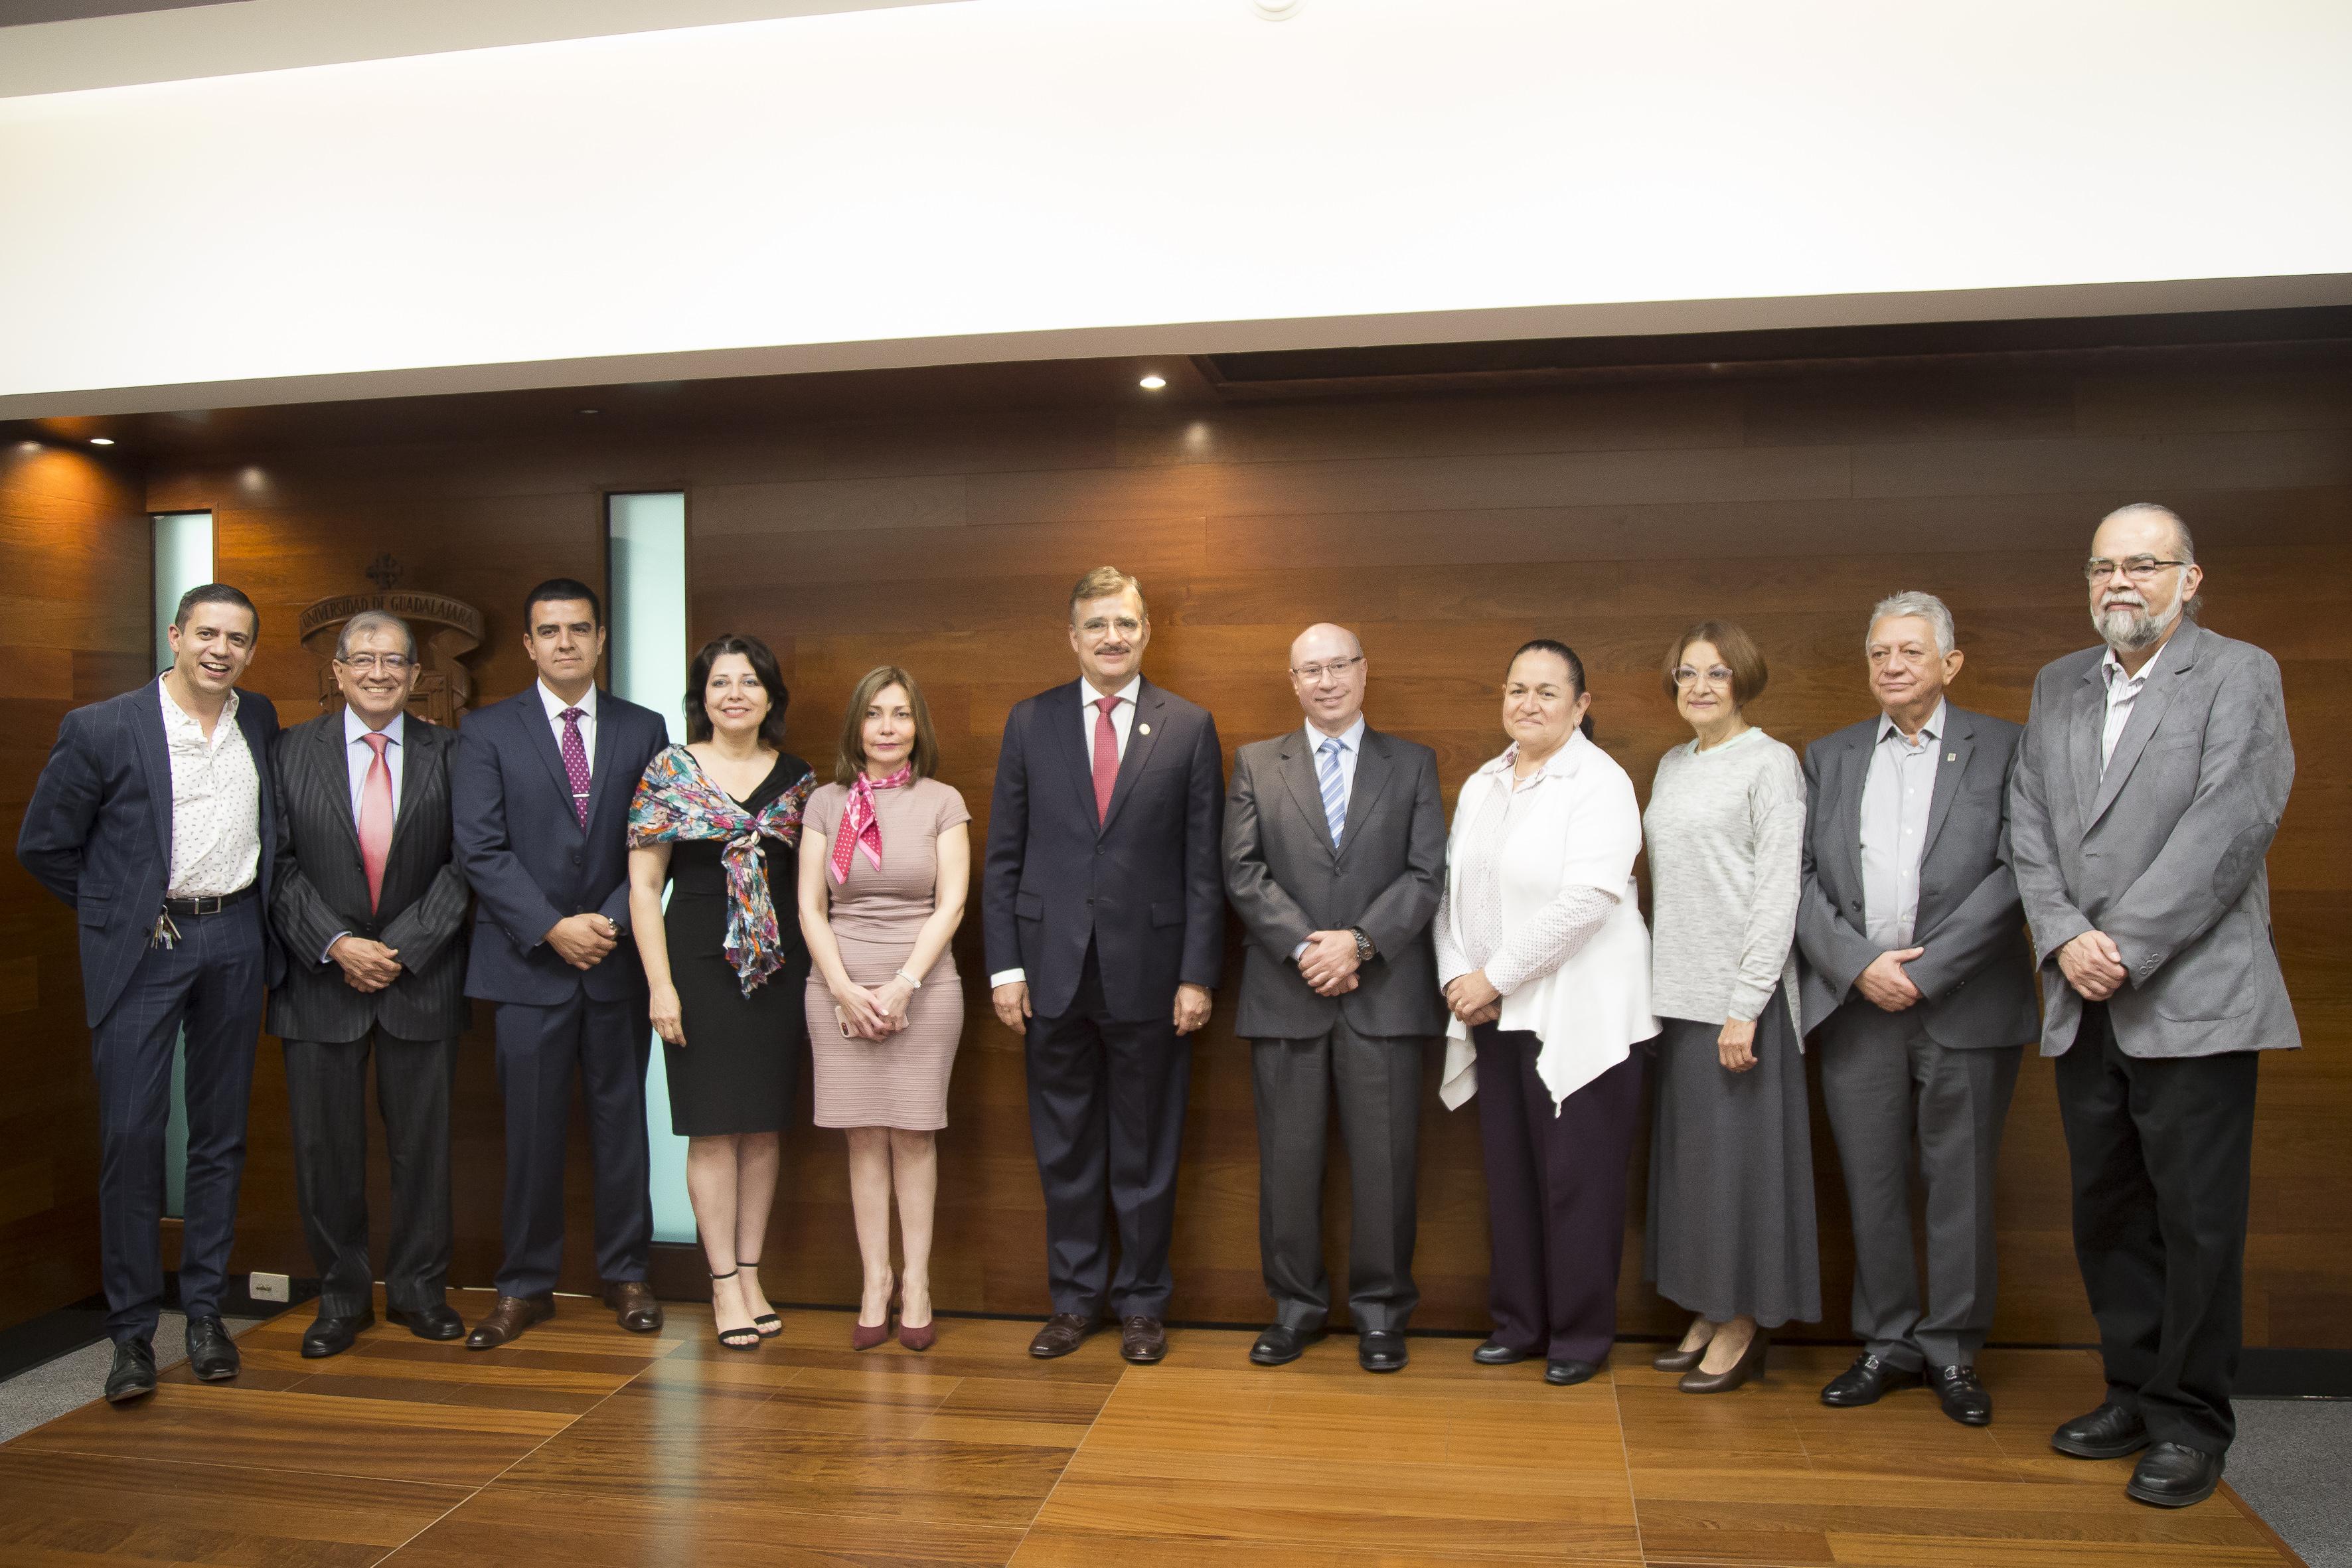 Rector General de la Universidad de Guadalajara (UdeG), maestro Itzcóatl Tonatiuh Bravo Padilla, tomó protesta a los integrantes de las comisiones del Consejo General Universitario (CGU), así como de los comités técnicos de apoyo para el periodo 2017-2018.